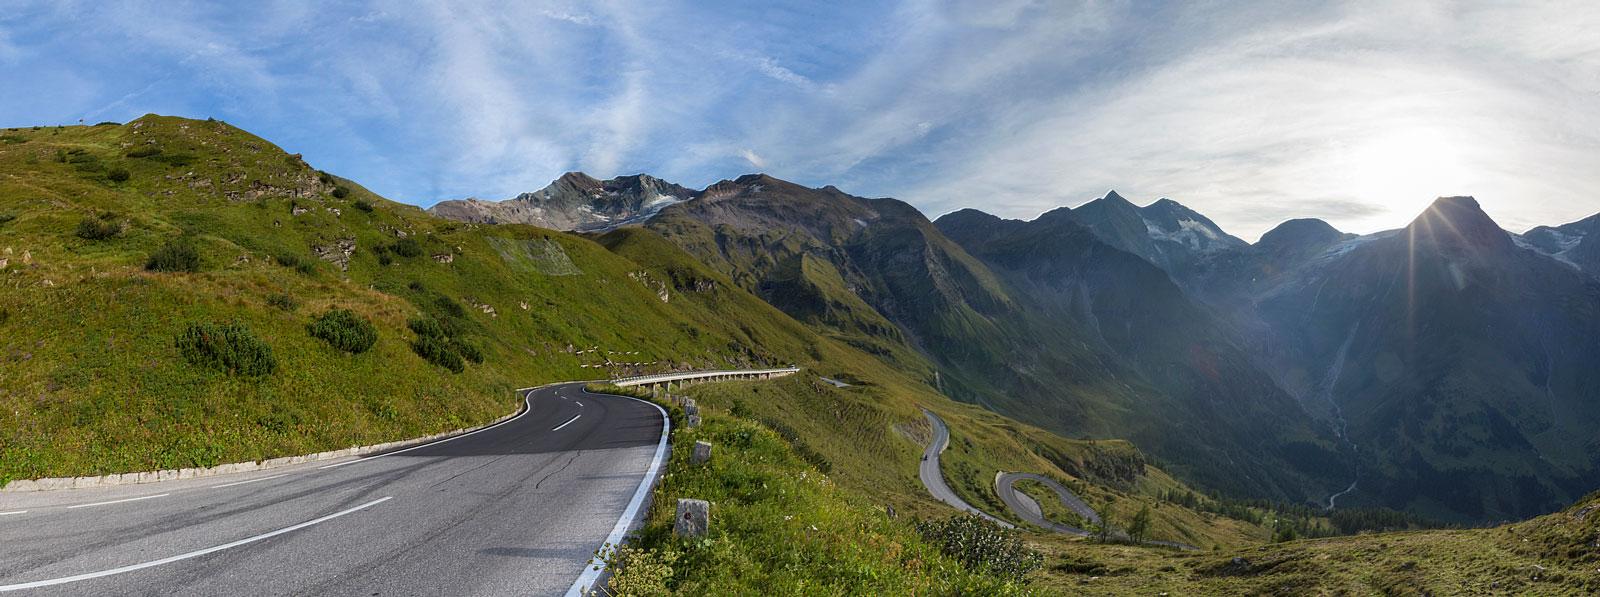 Ausflug mit Ausblick: Österreich hat zahlreiche Routen zu bieten, die eine Reise wert sind.